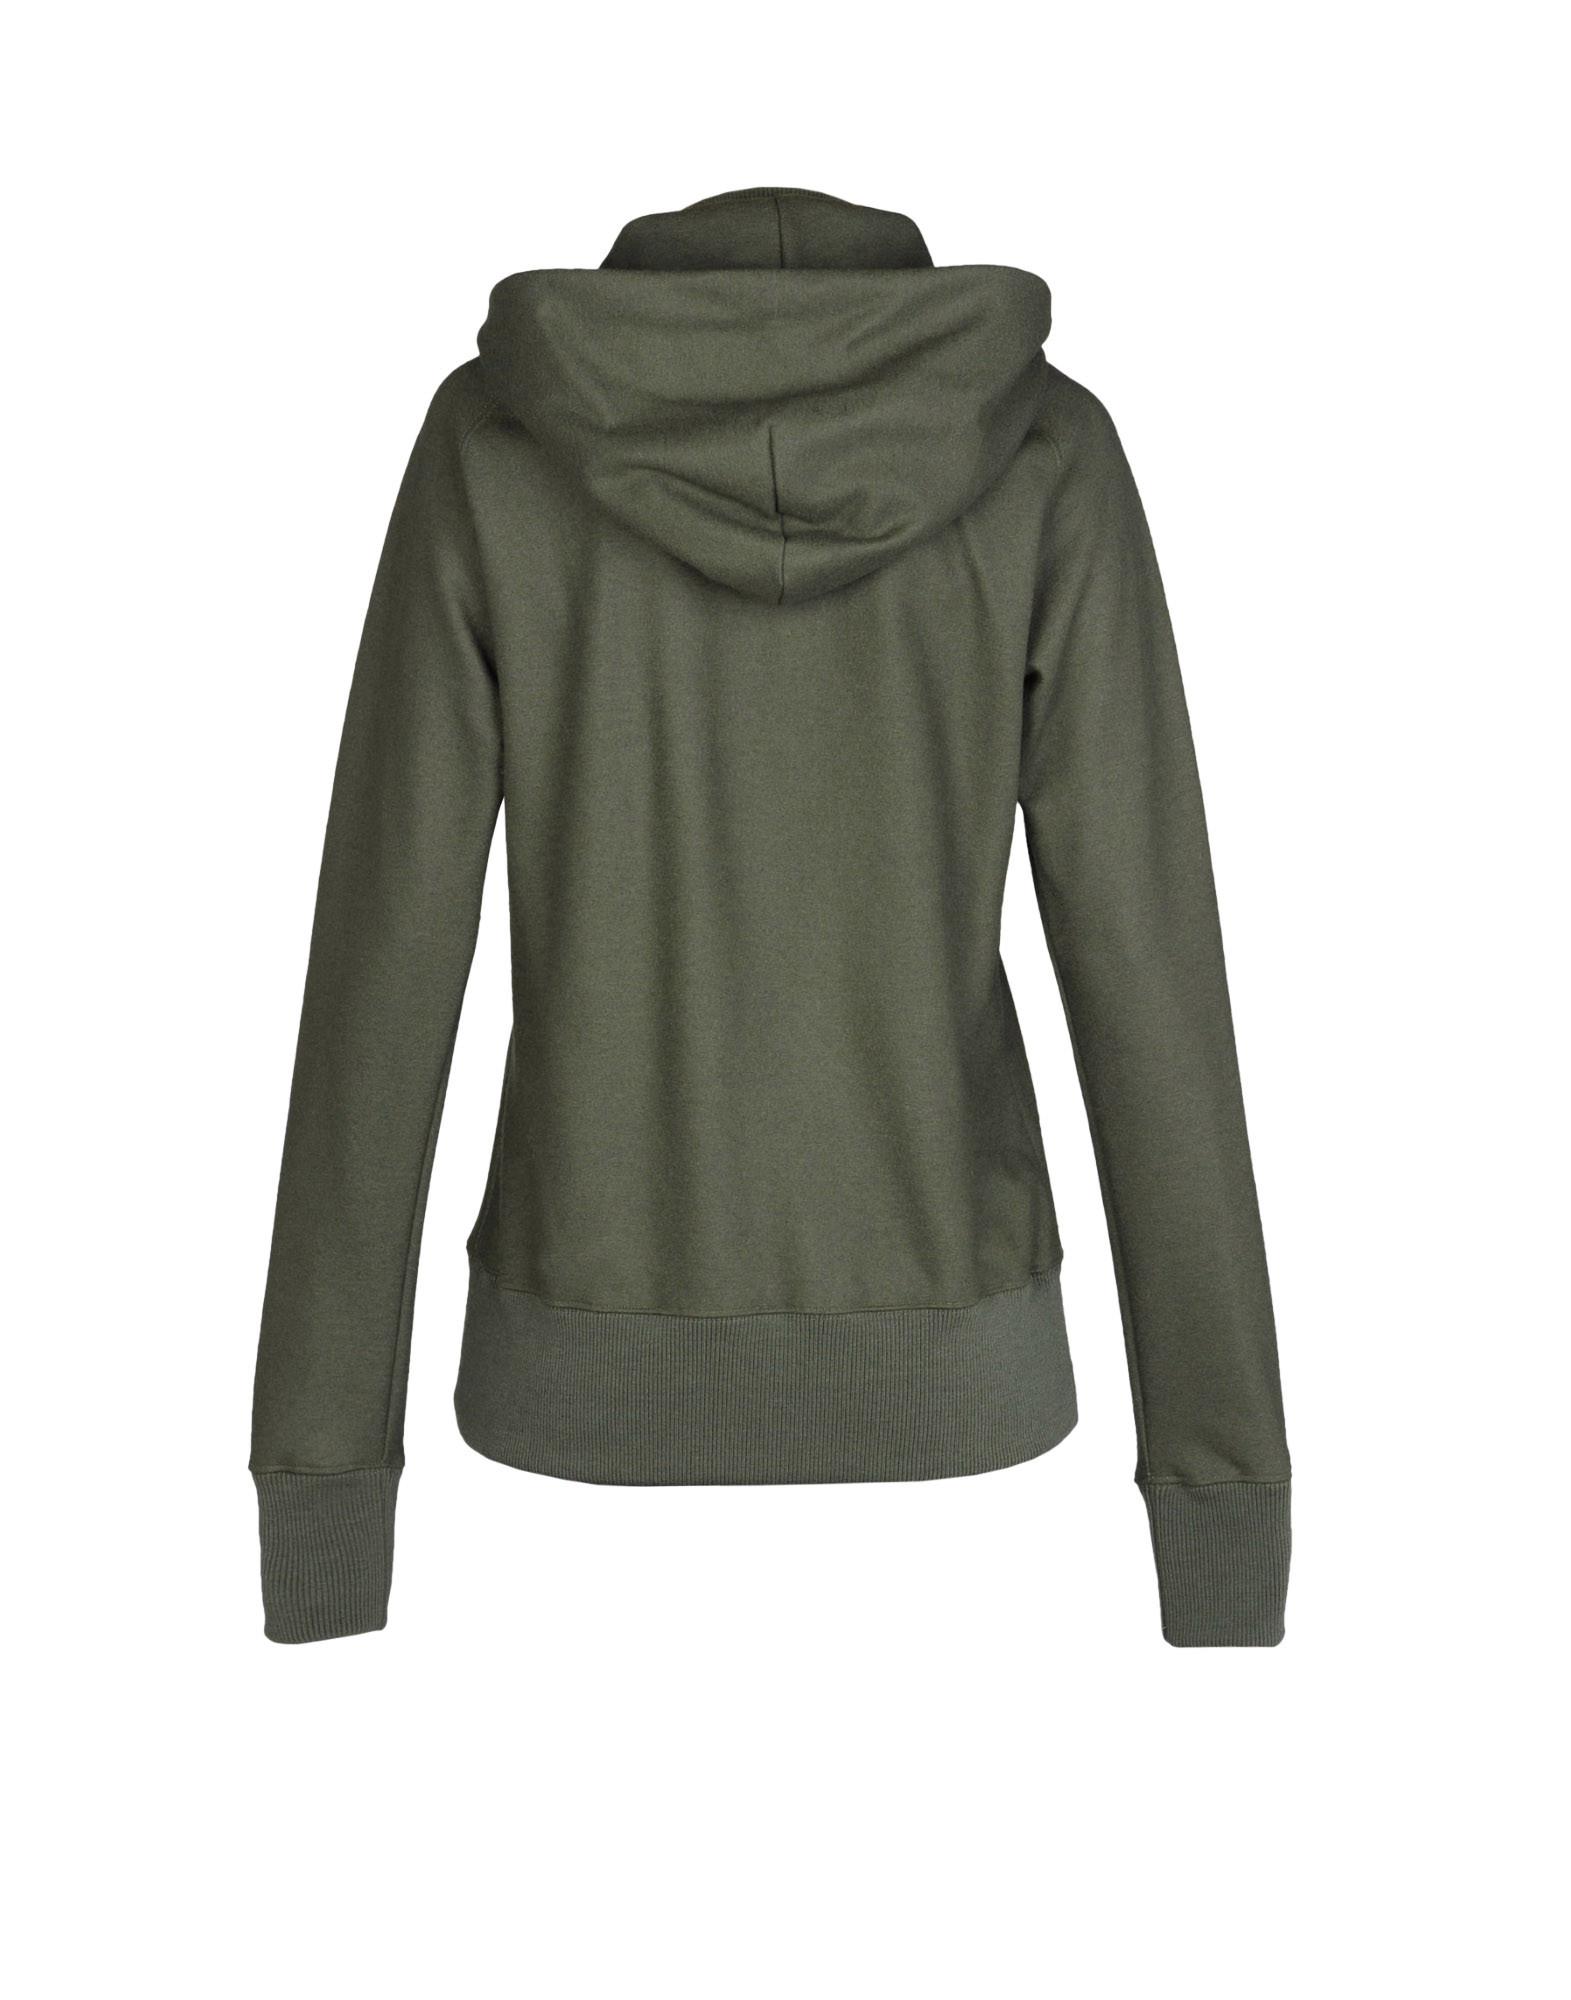 Y 3 Wool Track Hoodie Vestes | Adidas Y 3 Site Officiel